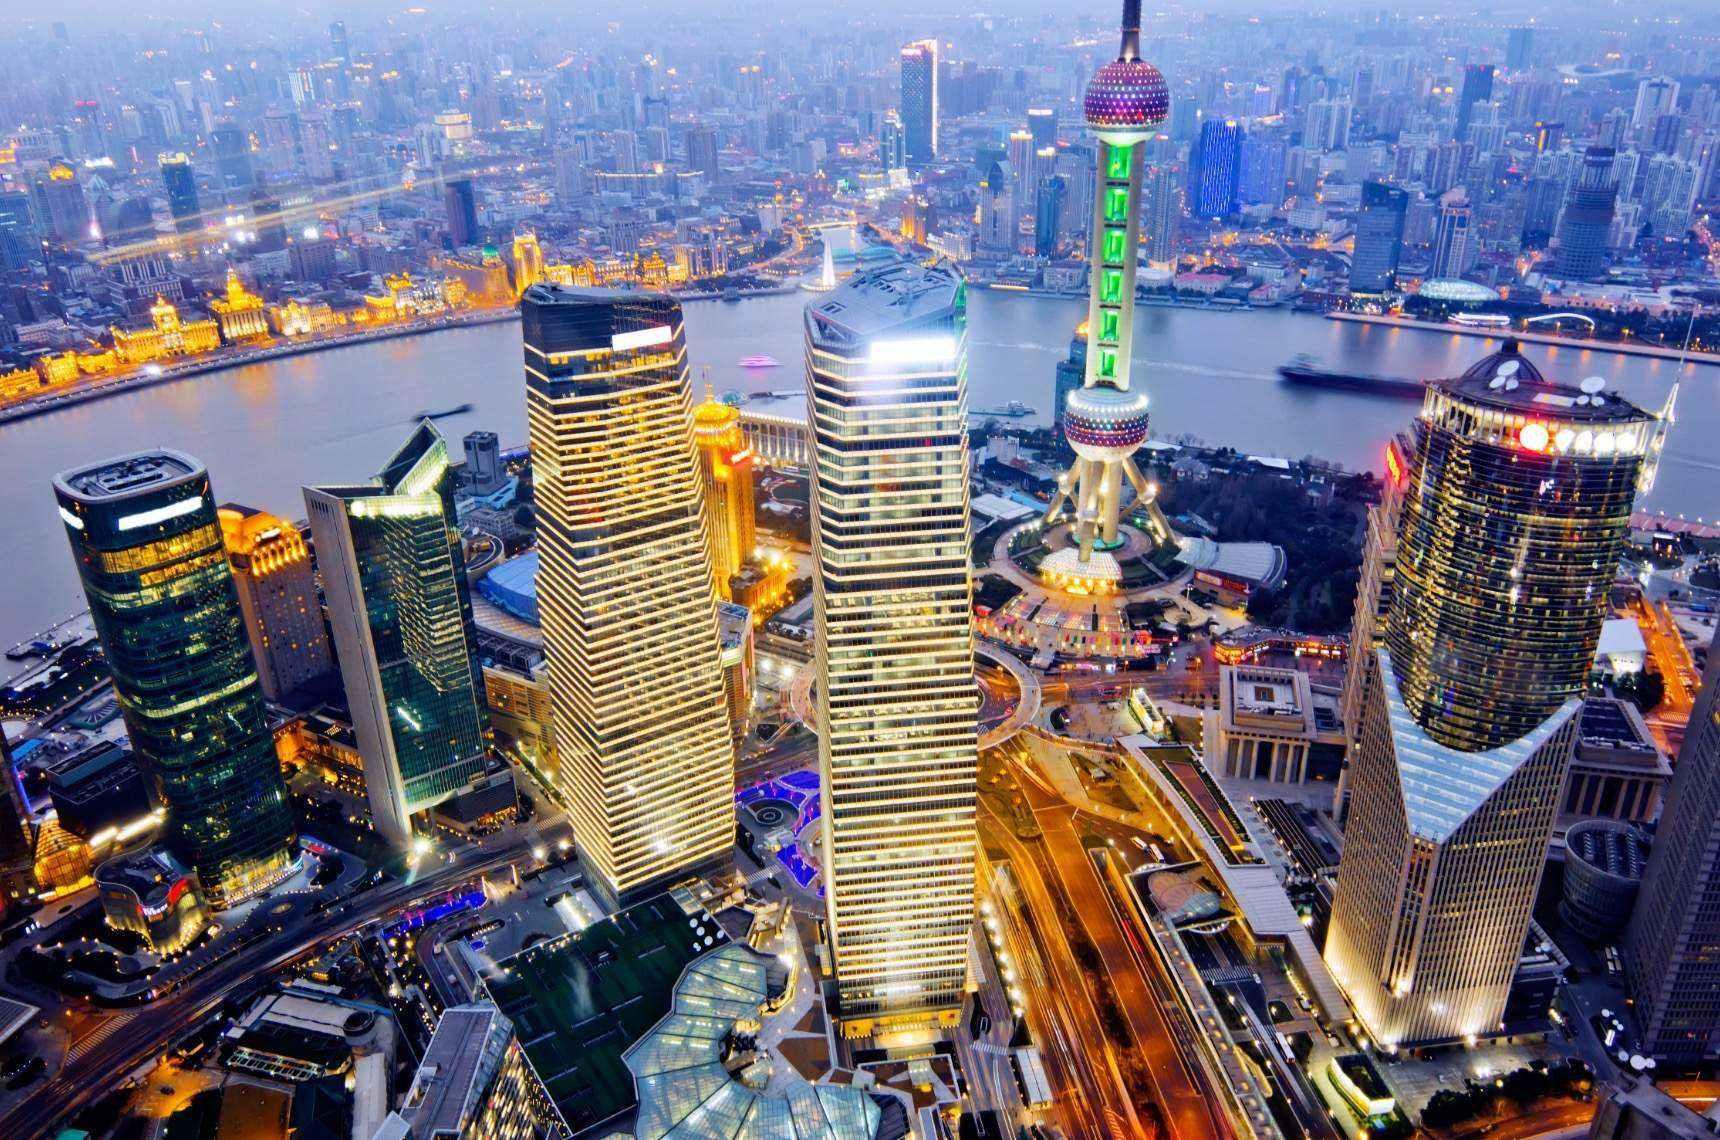 """上海工业投资创十年新高 高端制造为未来""""蓄能"""""""